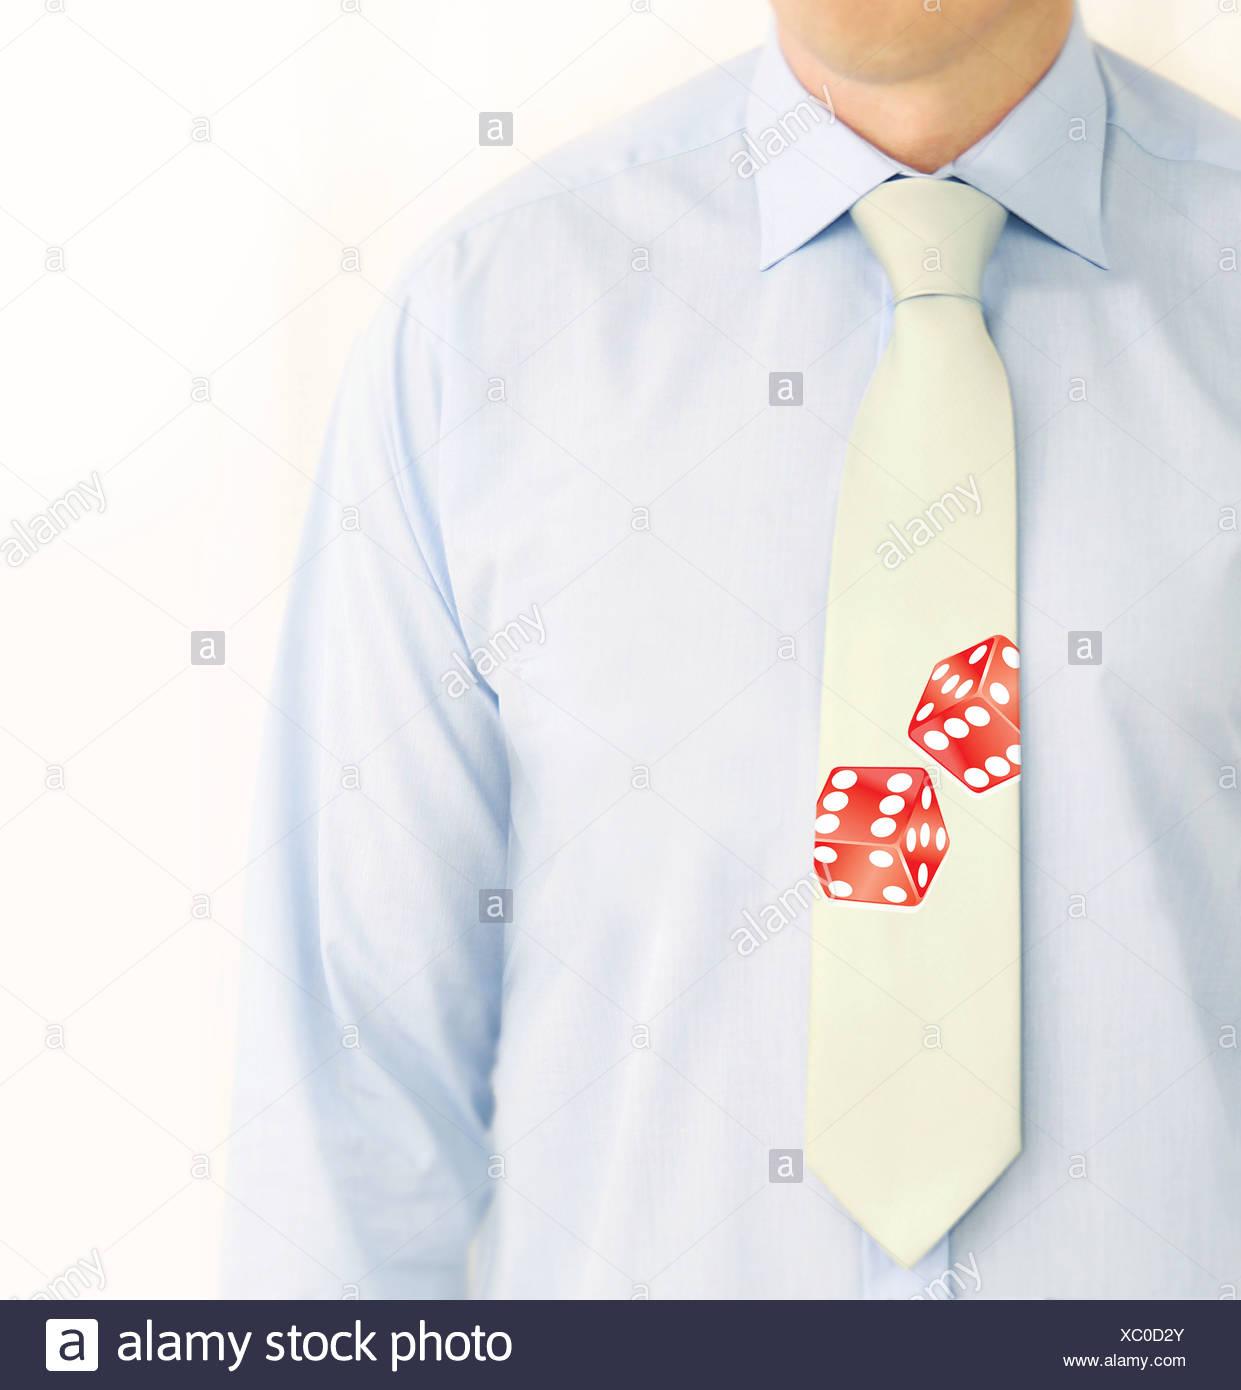 ein Geschäftsmann mit Würfeln auf seine Krawatte Stockbild